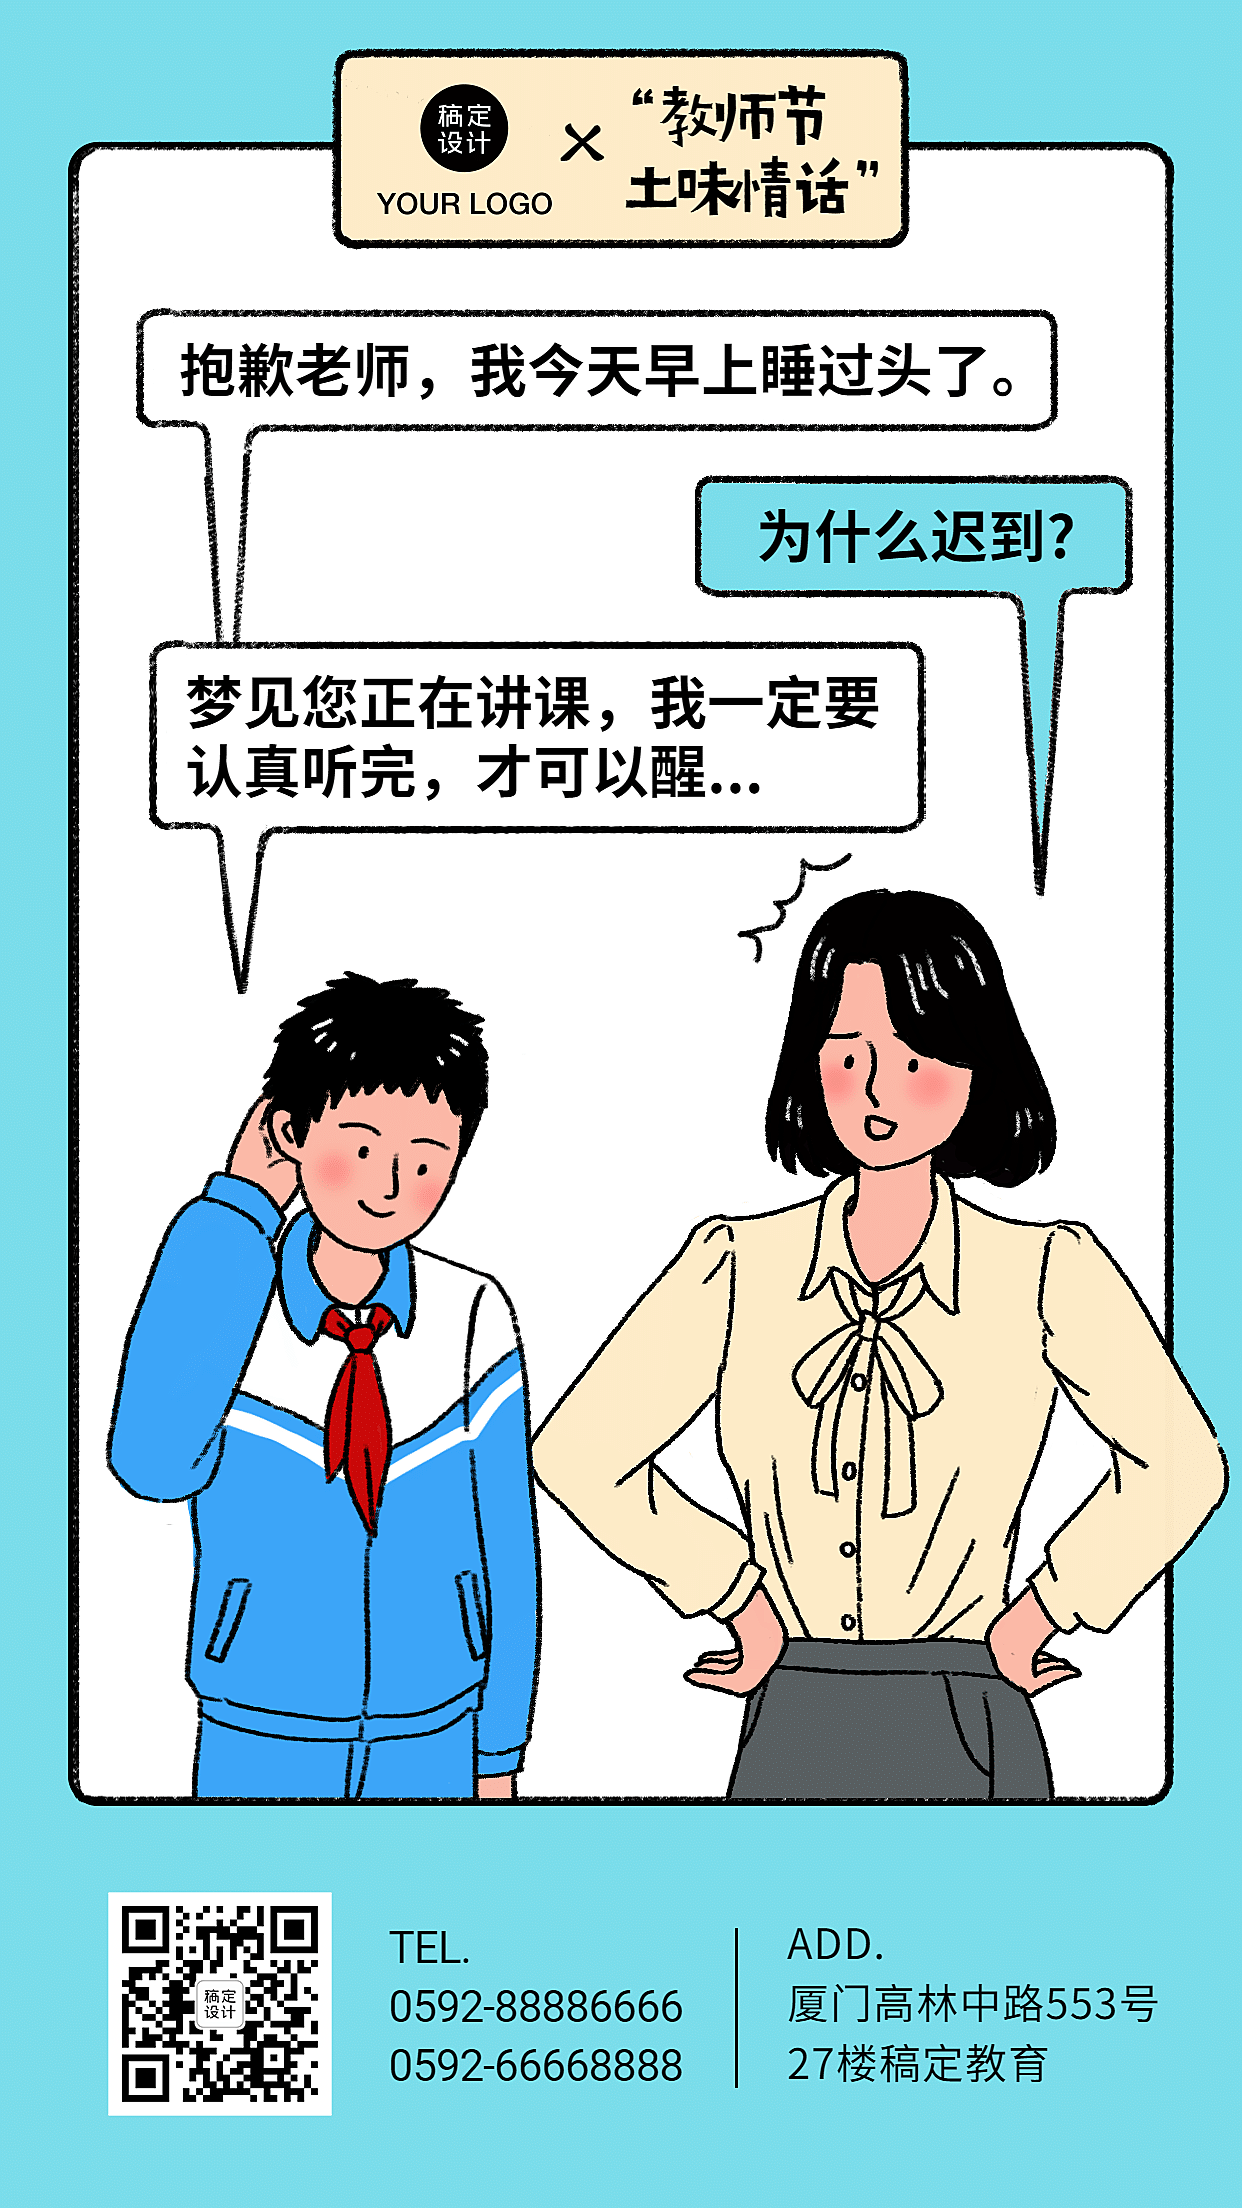 教师节土味情话漫画系列手机海报